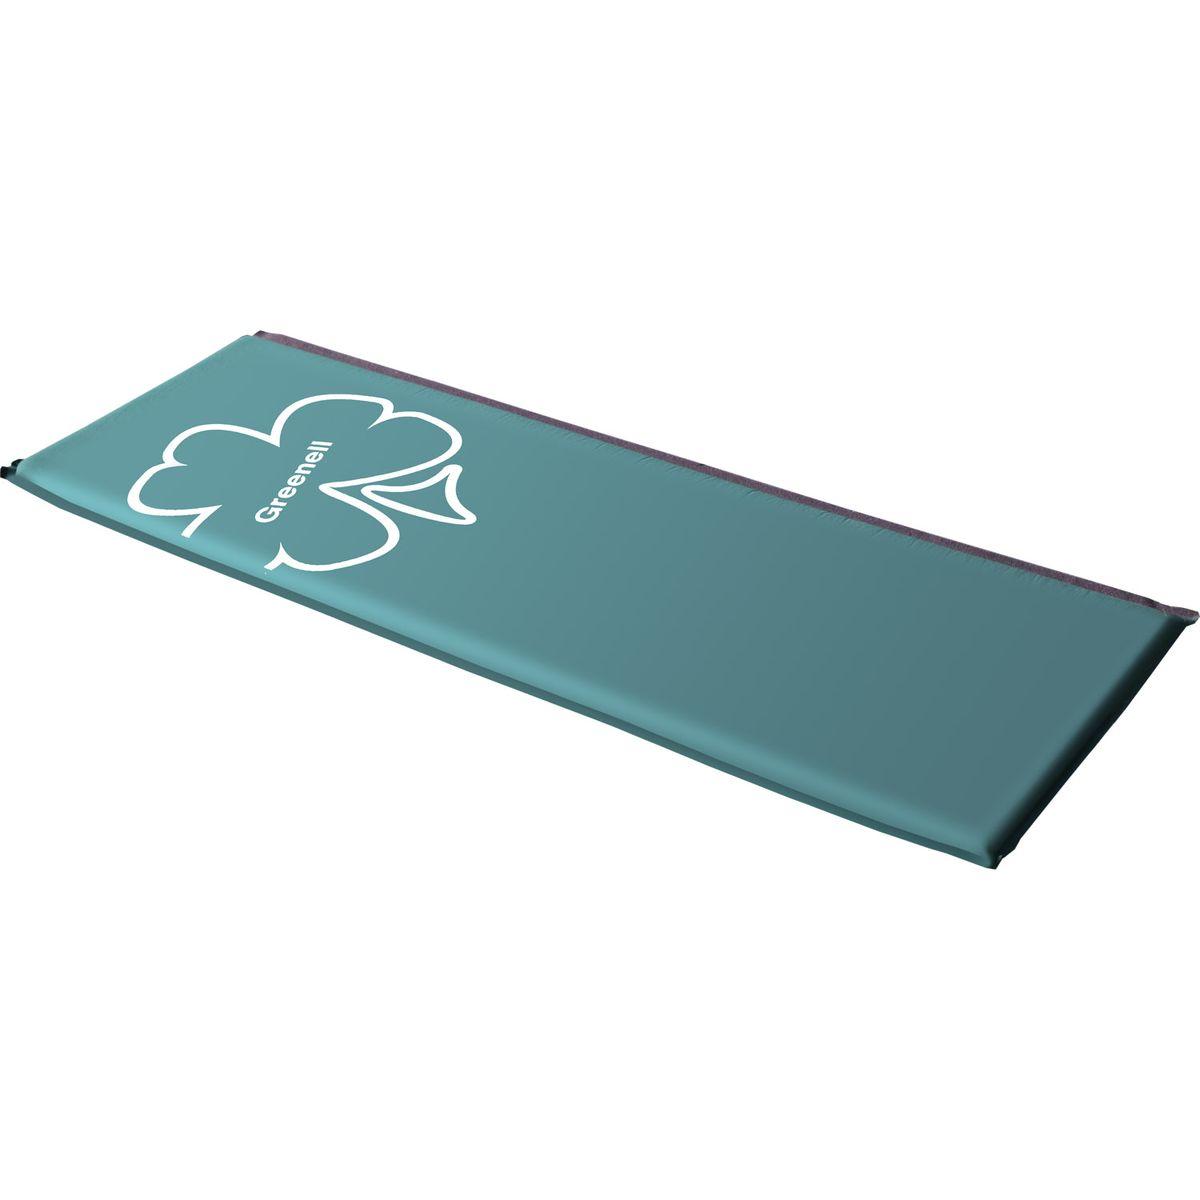 Коврик самонадувающийся Greenell Классик, цвет: зеленый, 198 см х 63 см х 5 смORROS 8250Удобный самонадувающийся коврик Greenell Классик отлично подойдет для семейных выездов на природу. Можно использовать в походах и кемпинге. Коврик выполнен из прочного полиэстера, наполнитель - вспененный полиуретан 16 кг/м2. Два коврика можно состегнуть между собой с помощью липучки Velcro.